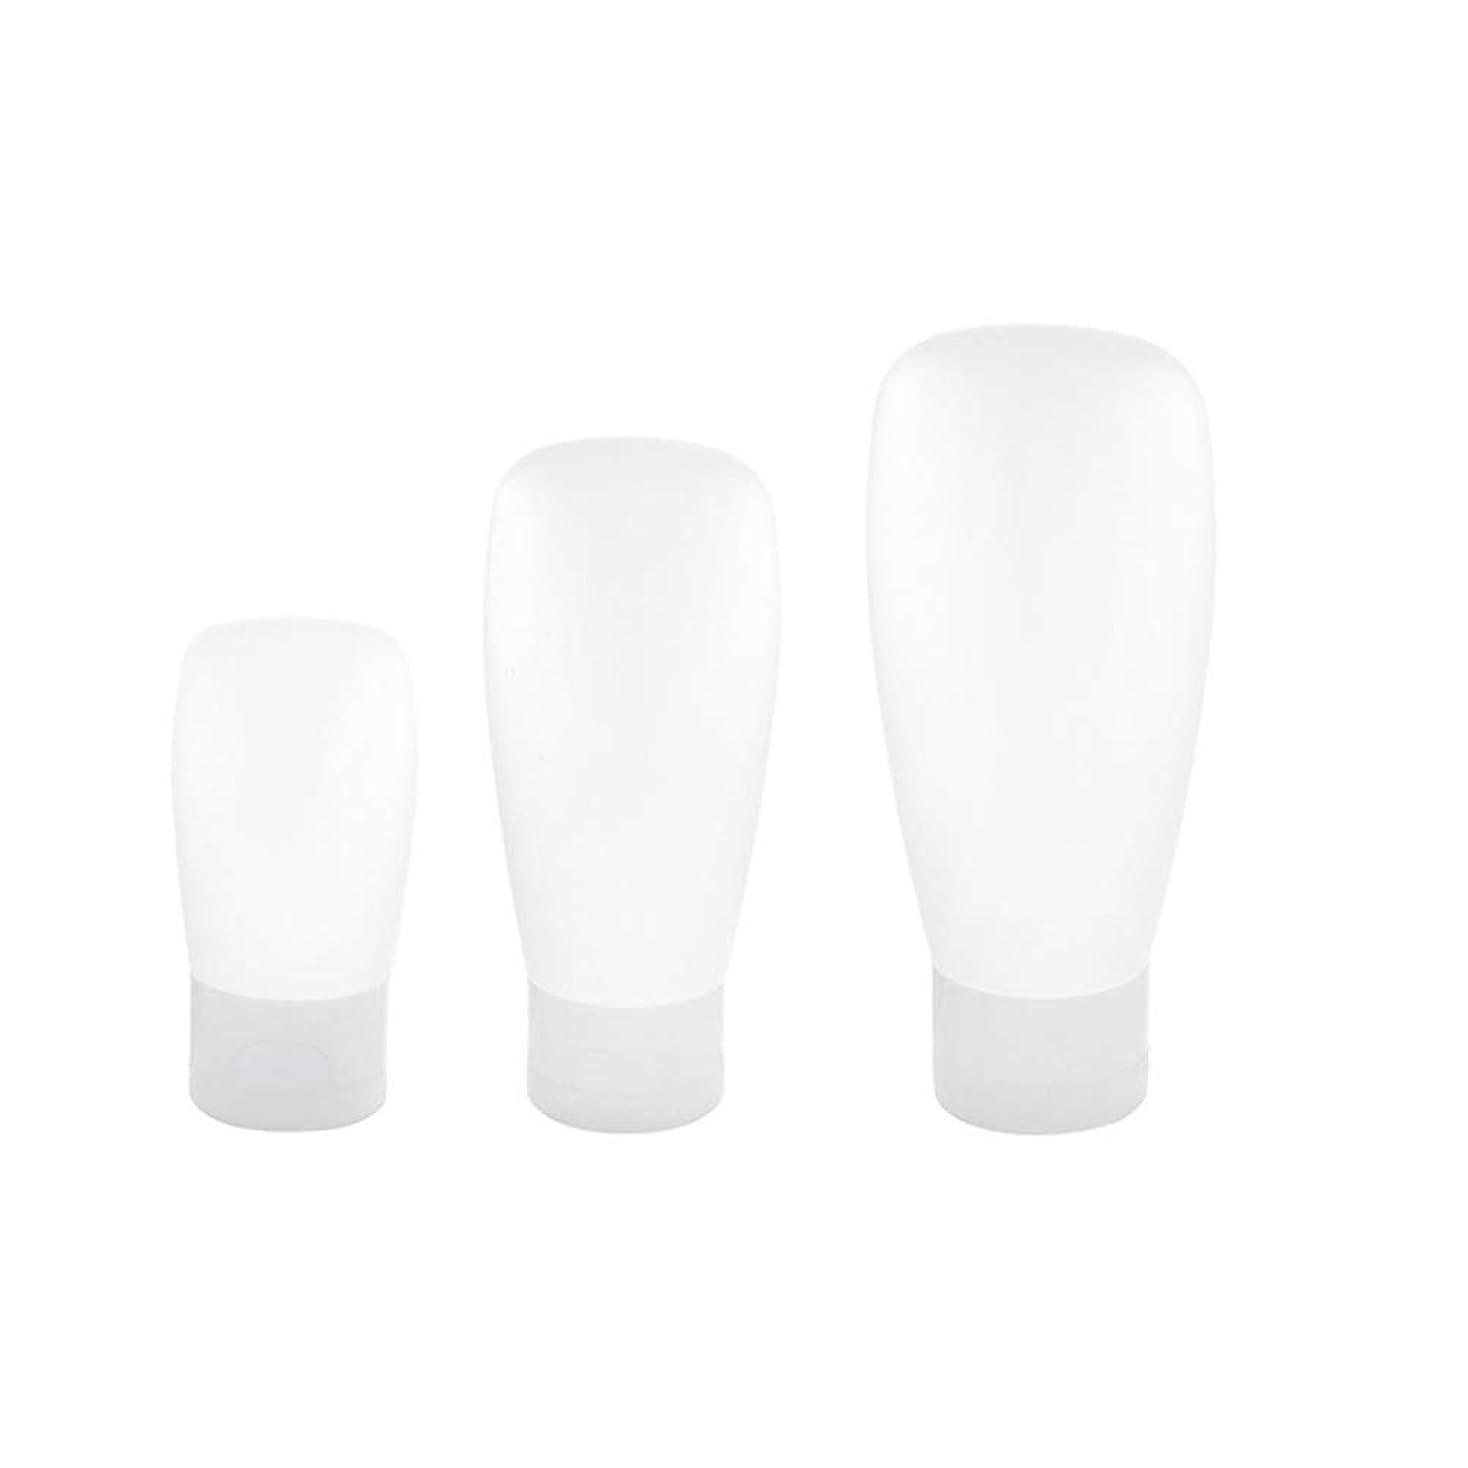 スイッチカーペットステーキTOPBATHY 3本旅行ボトルプラスチック詰め替え式トラベルコンテナスクイーズトラベルチューブセット用シャンプーローションソープ30ML 60ML 100ML(ホワイト)